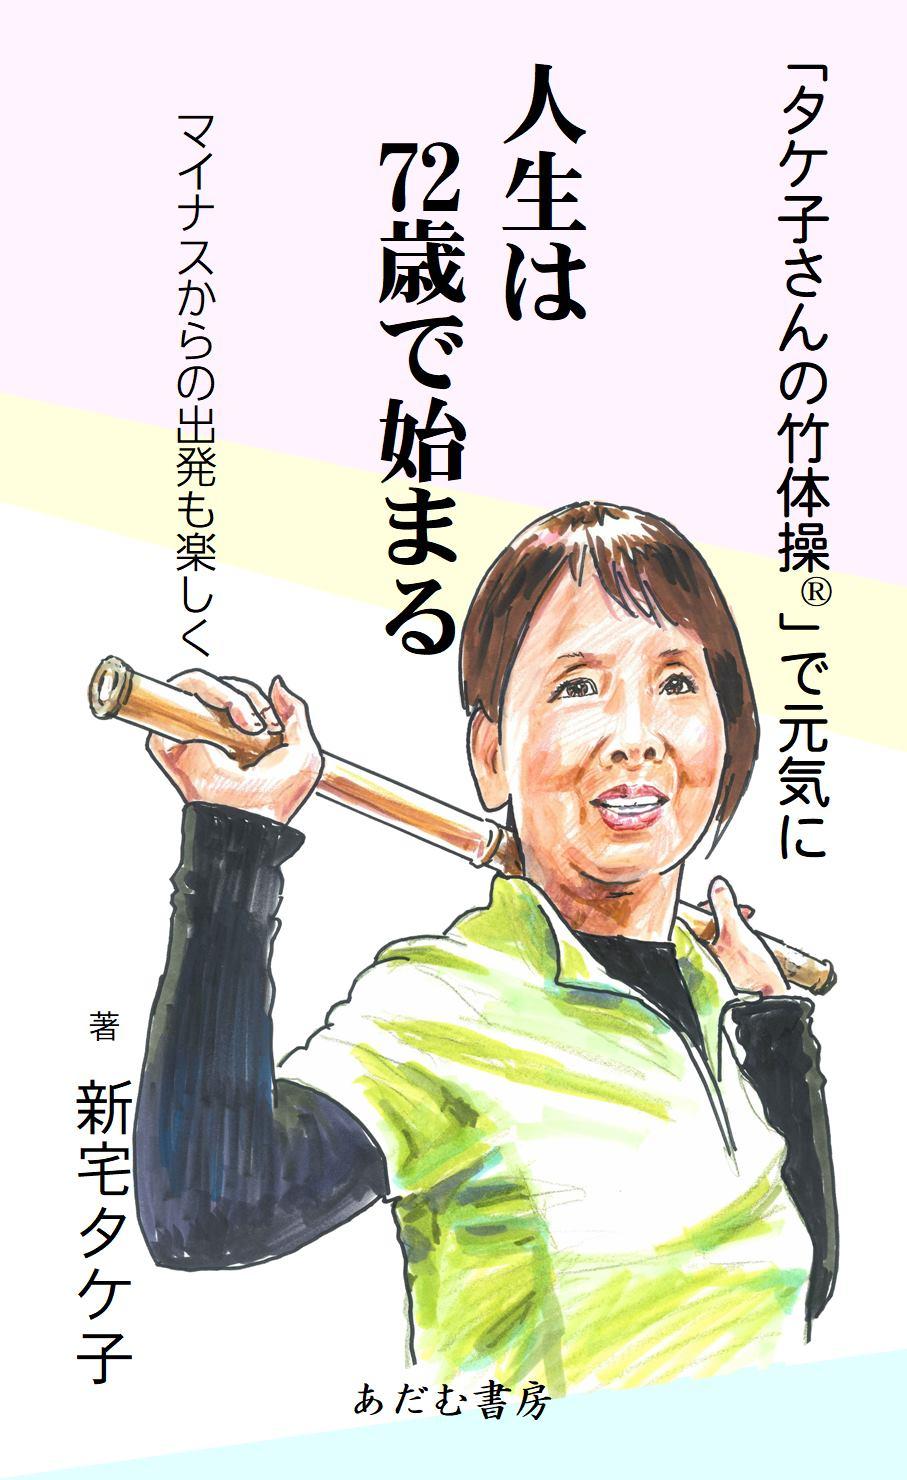 タケ子さんの竹体操®